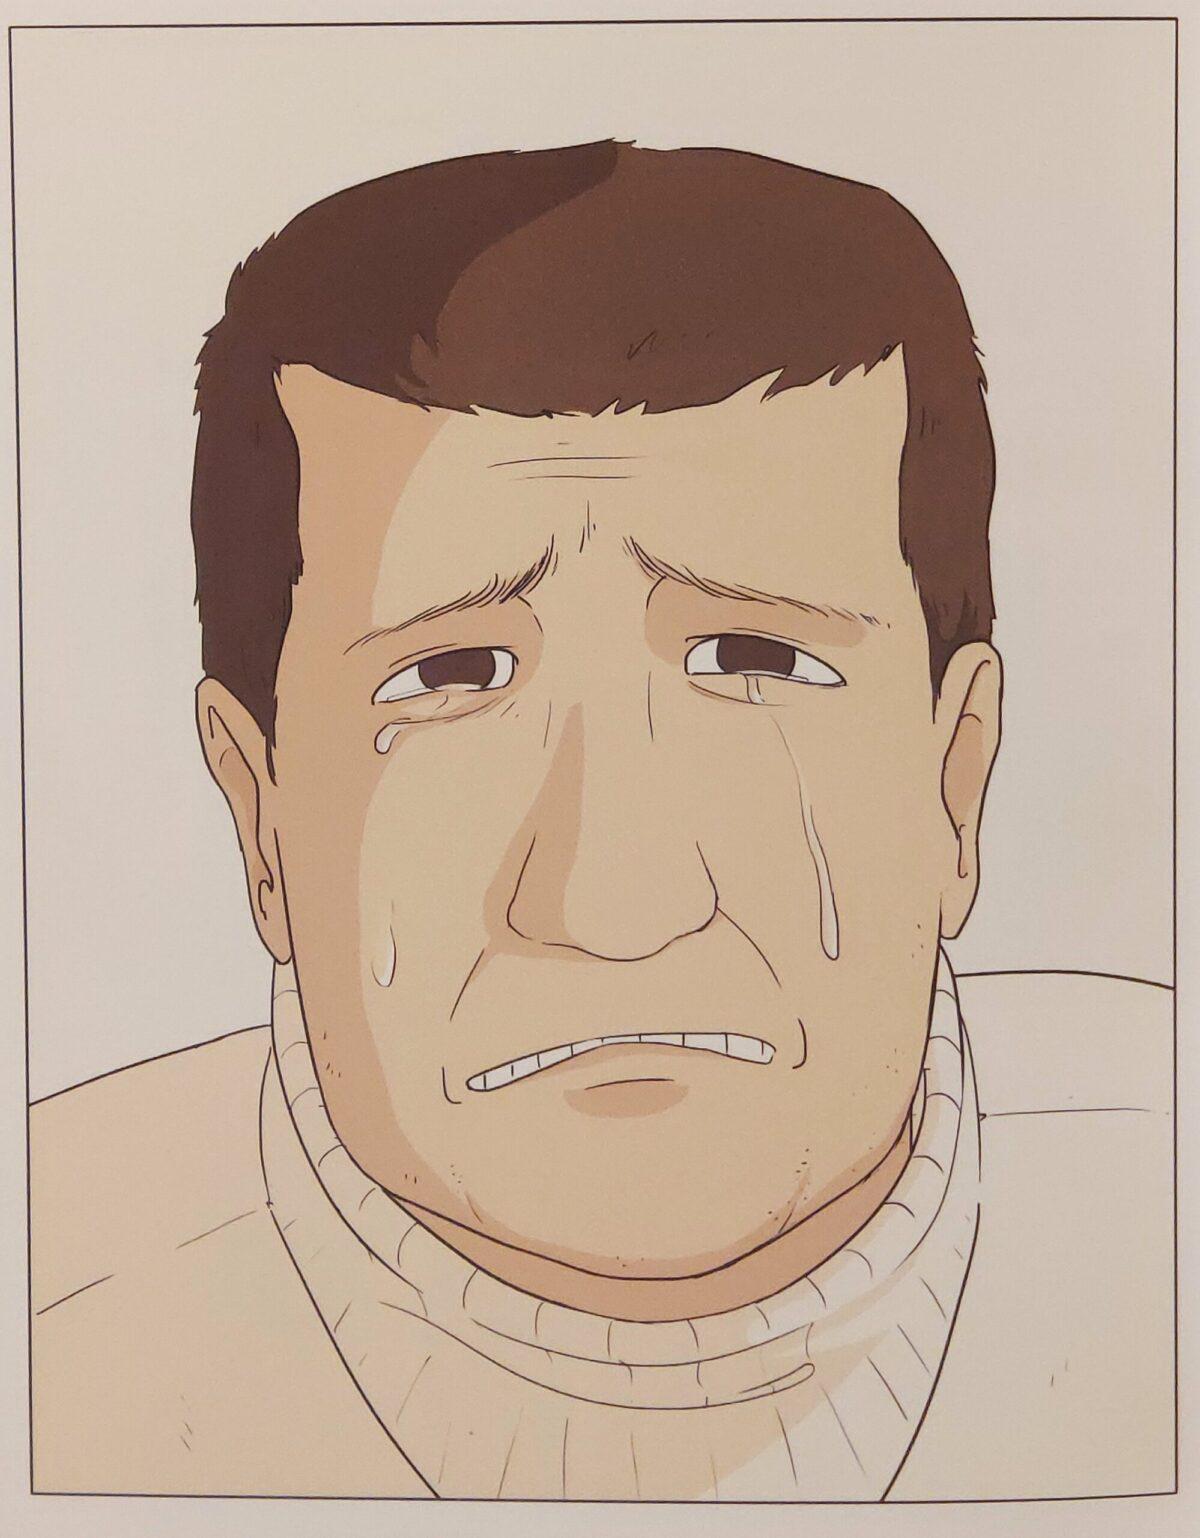 Mio caro fumetto... - La disperazione di Manu, protagonista di Fidati di me